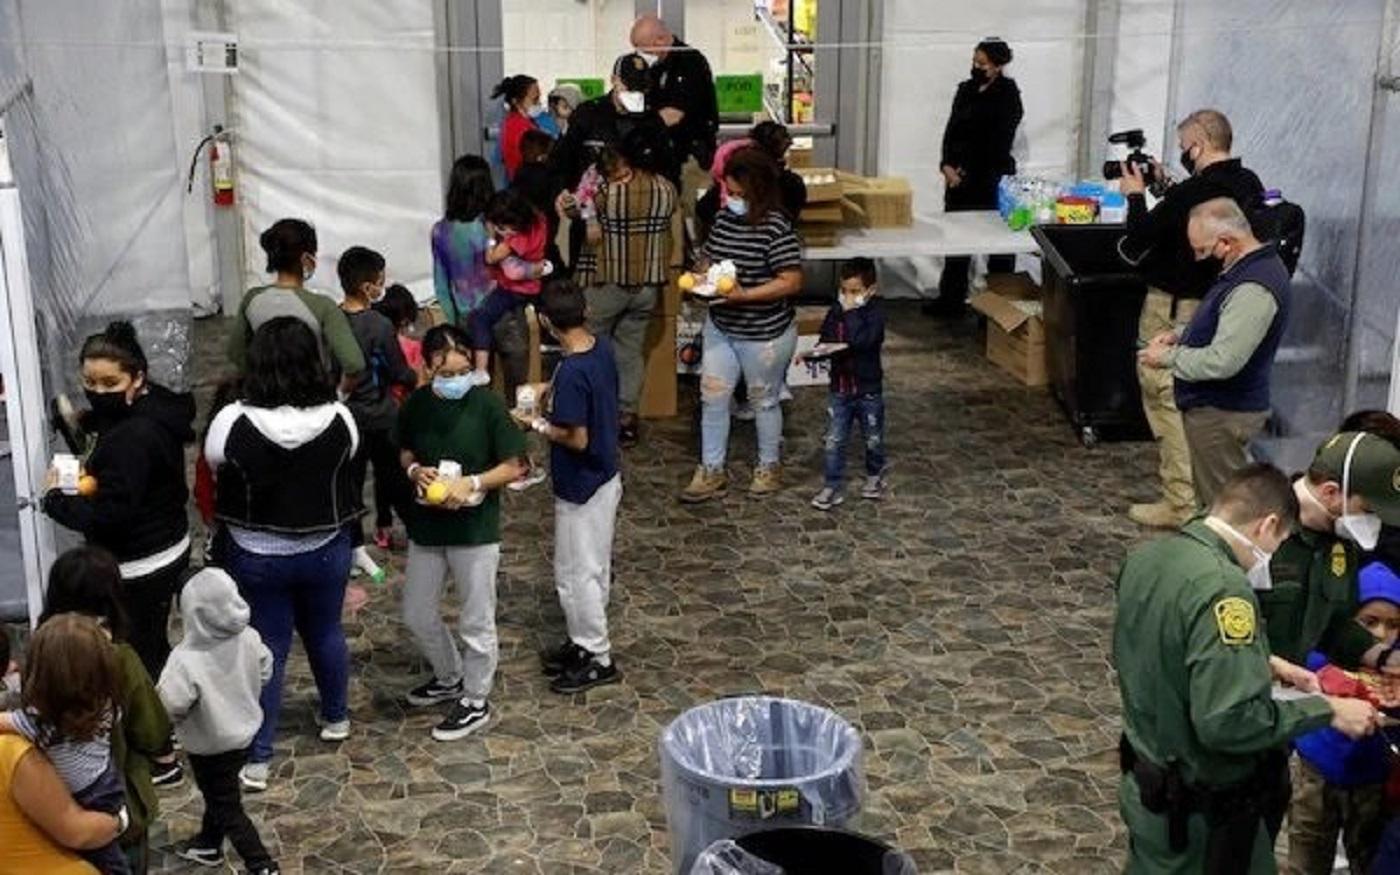 Imágenes de los centros de menores migrantes no acompañados compartidas por el Gobierno de Biden GOBIERNO DE ESTADOS UNIDOS 23/3/2021